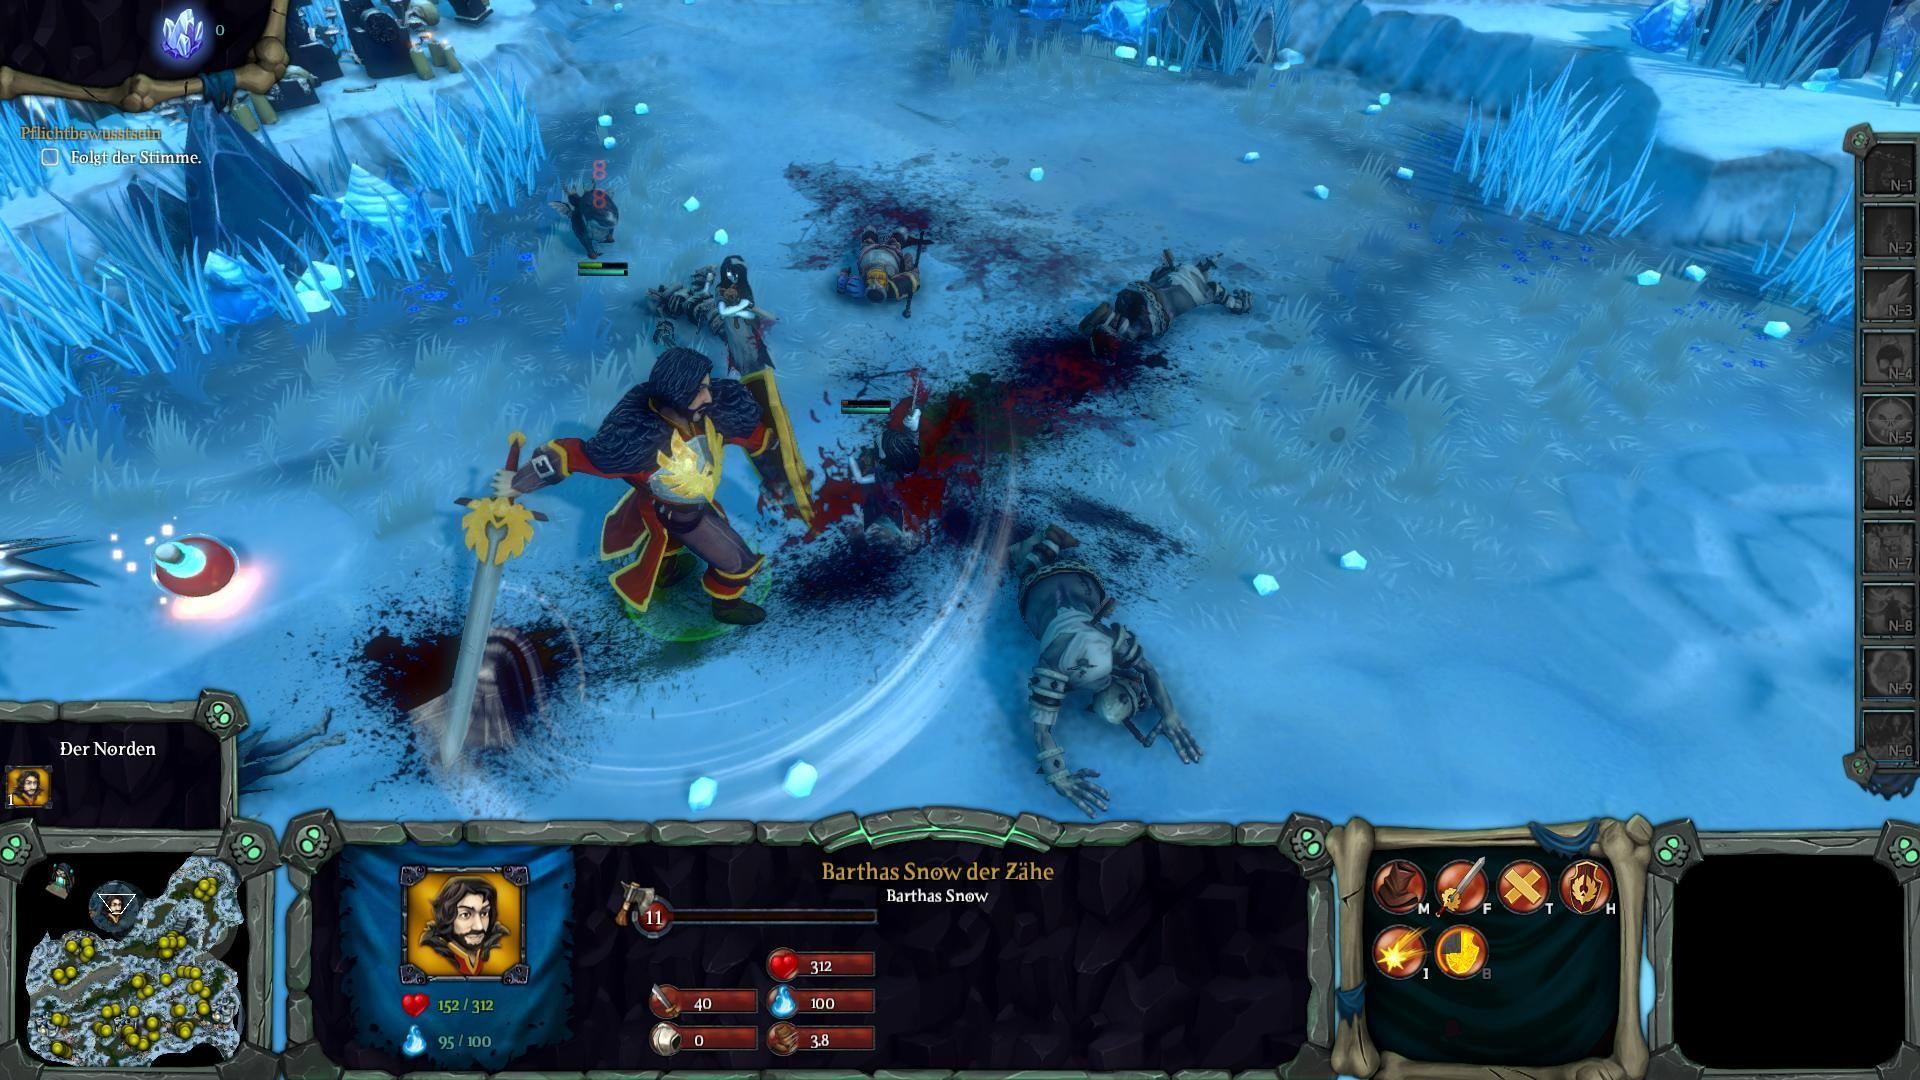 Dungeons 2 - A Game of Winter Fiyat Karşılaştırma